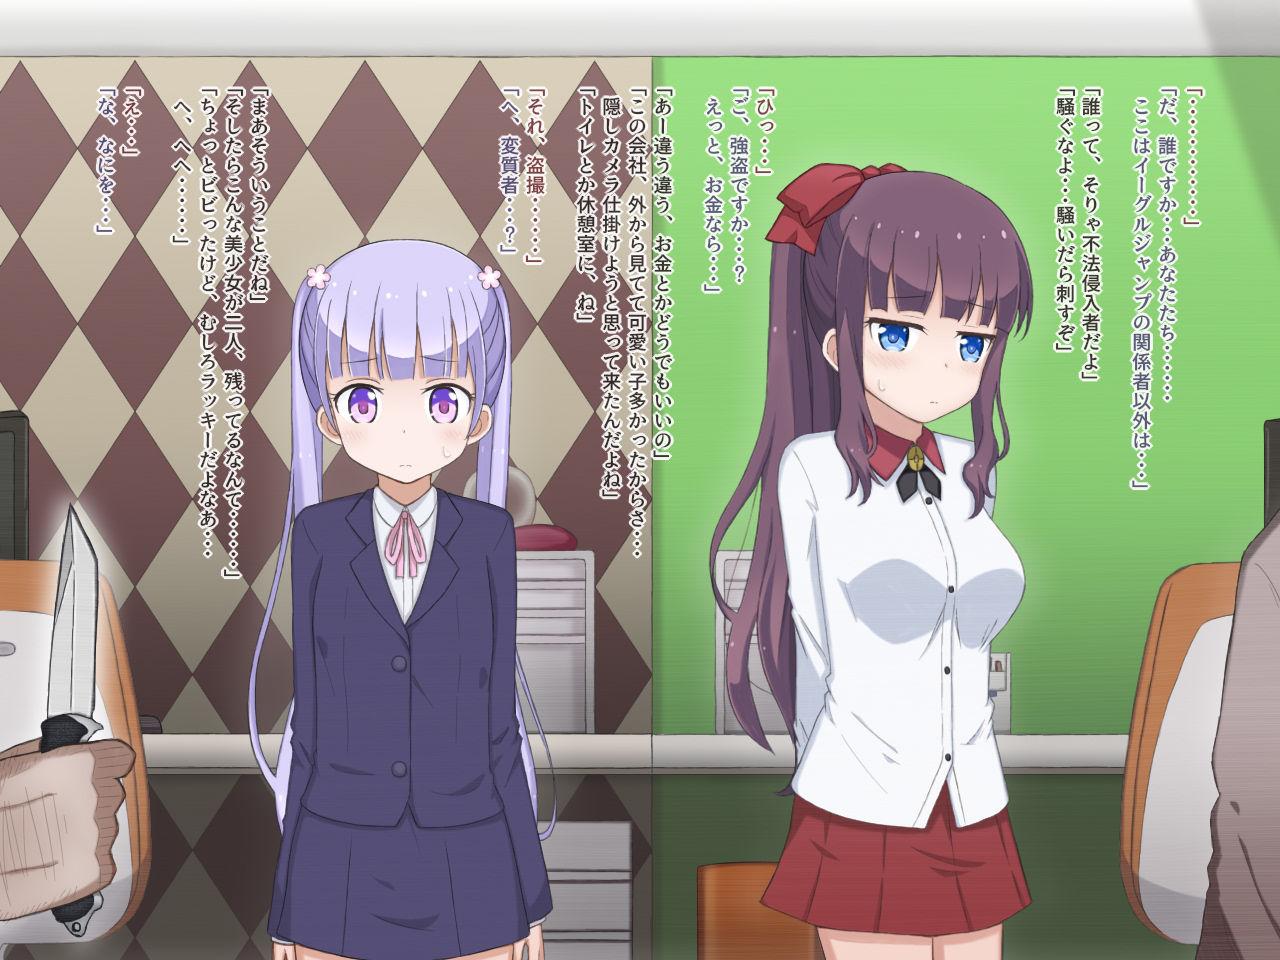 【NEWGAME! 同人】青葉ちゃんとひふみ先輩が泊まり作業中にやってきた変質者に陵●されちゃう話